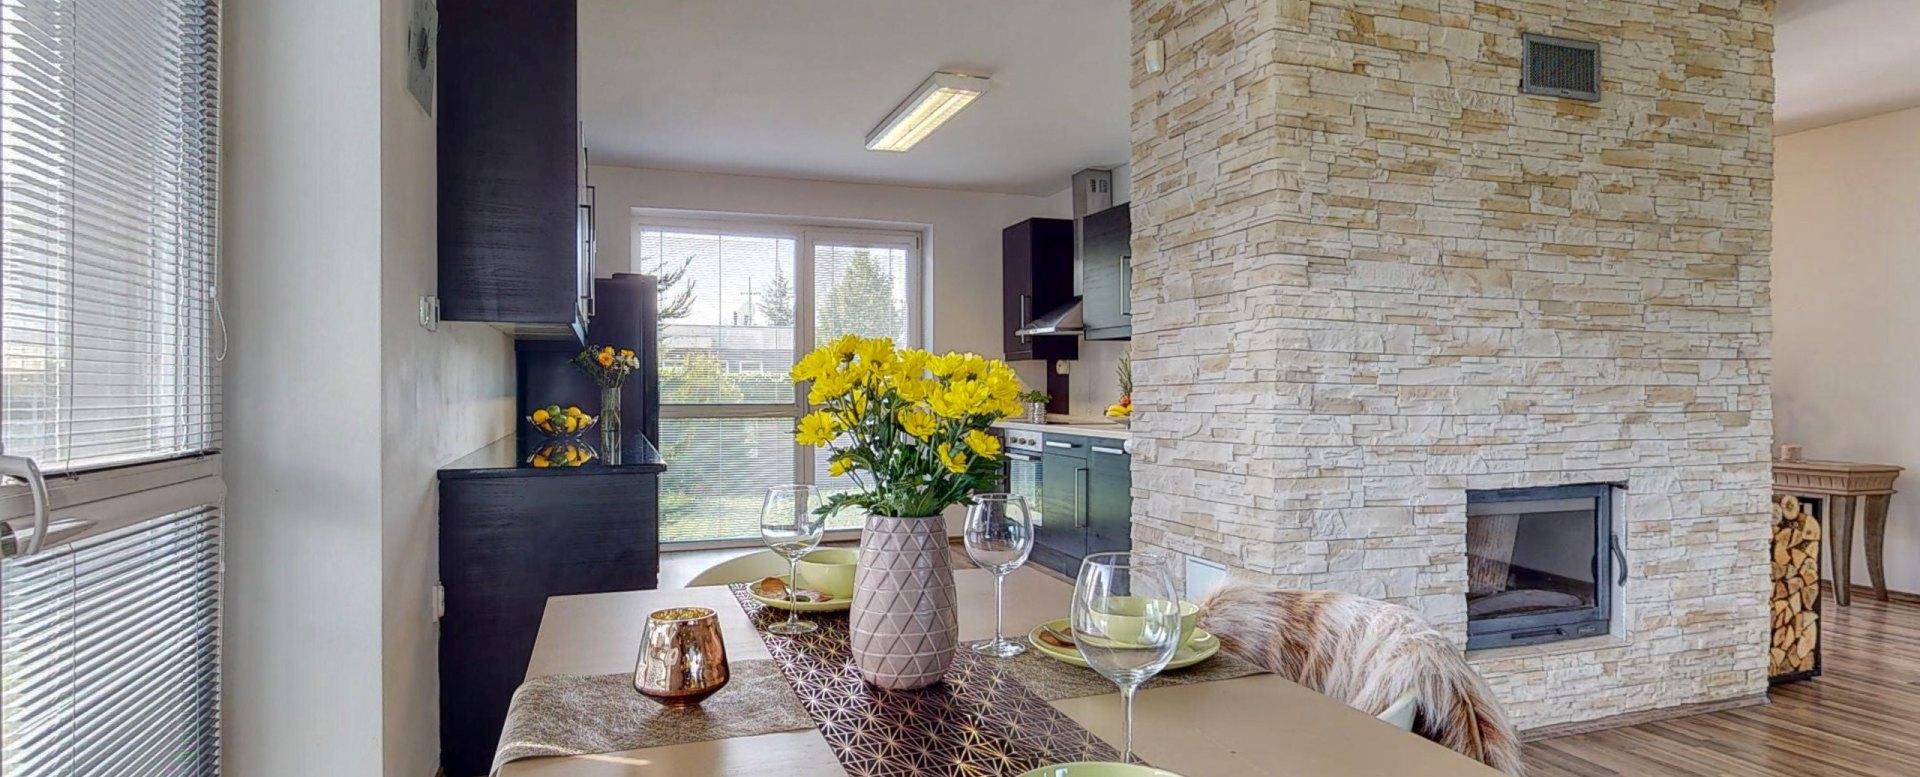 Pohľad na jedálenský stôl, kuchyňu a krb